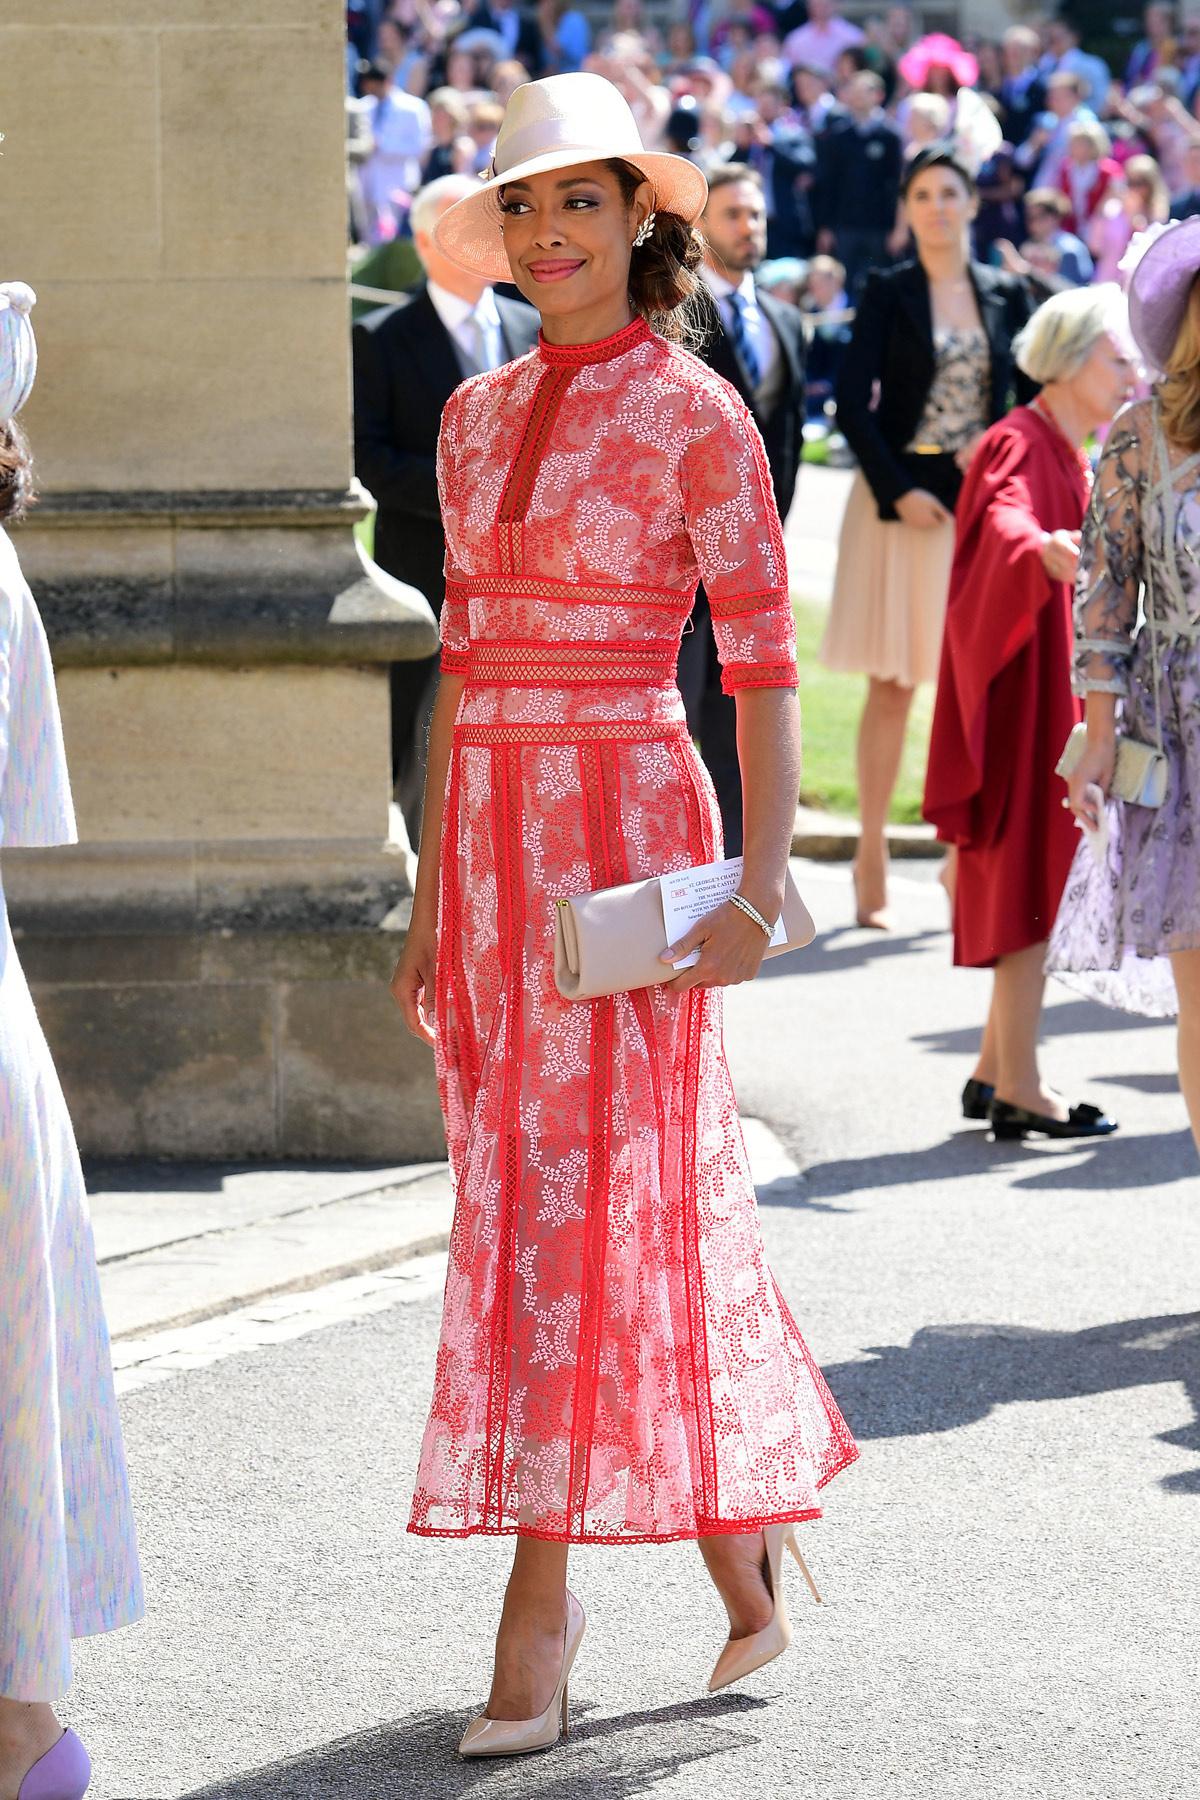 La boda del príncipe Harry y Meghan Markle. Rafael Matias Tejidos